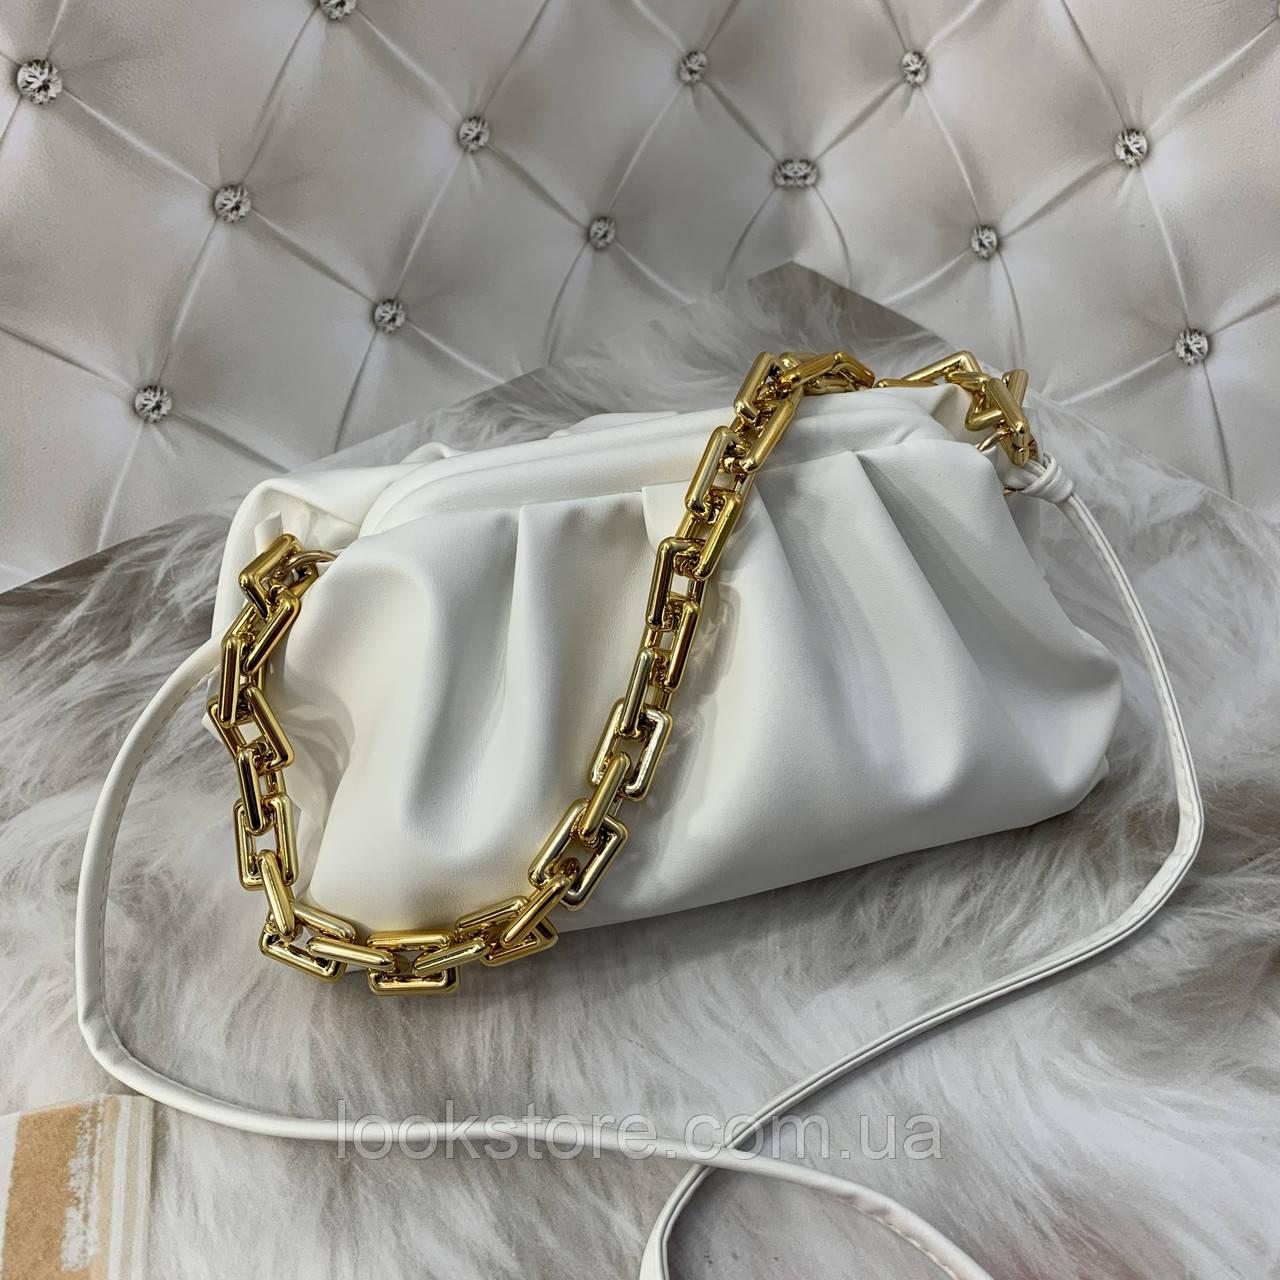 Трендовая женская сумка в стиле Bottega пельмень на цепочке белая